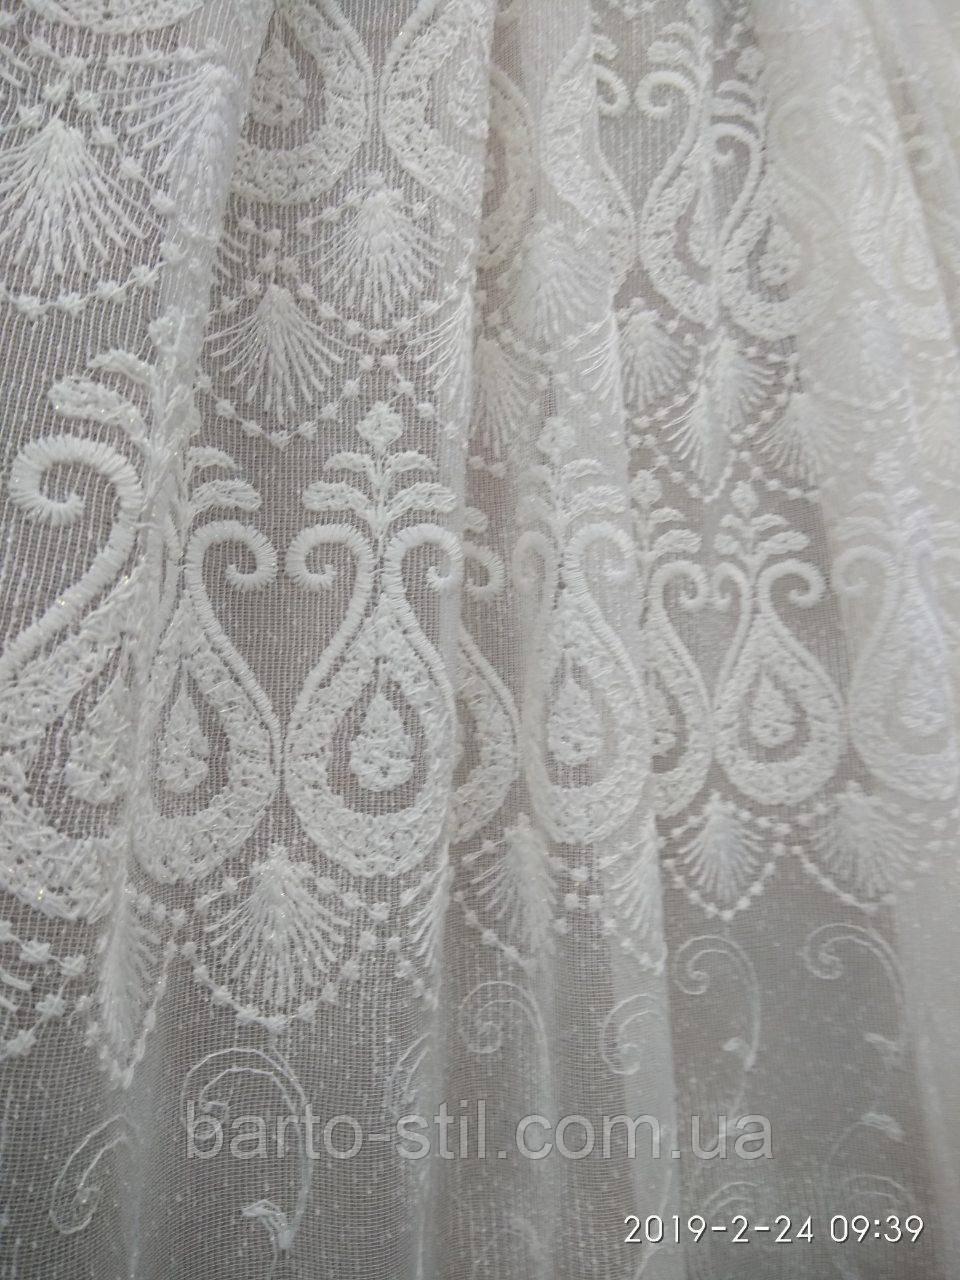 Гардина из льна с вышивкой Высота 2. 8 м